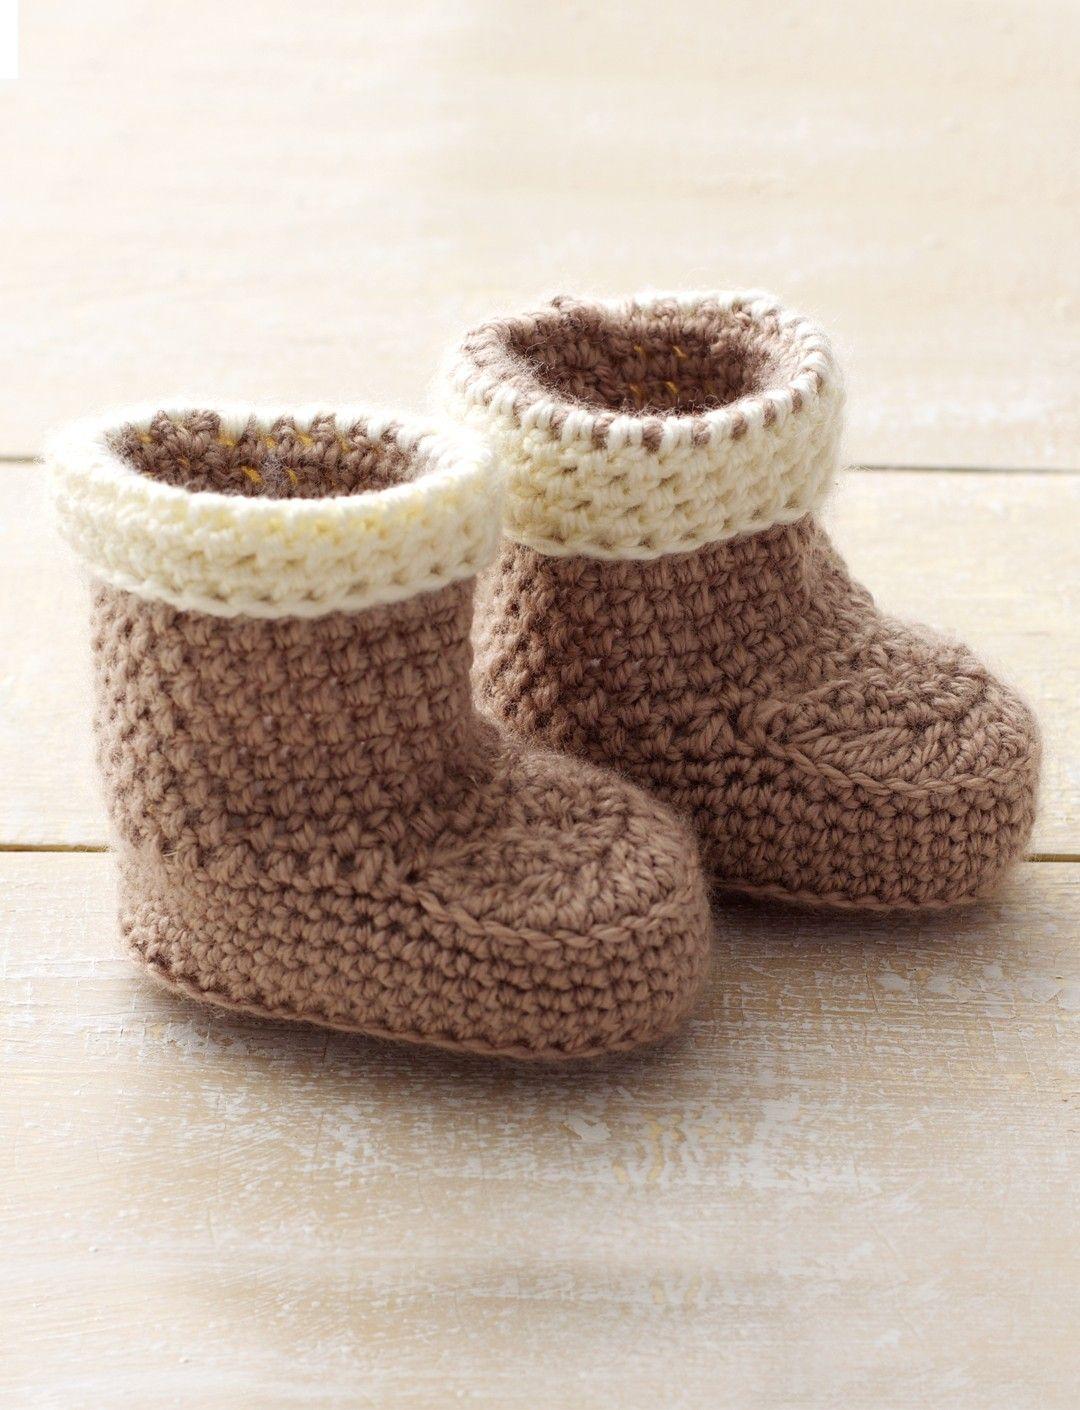 Yarnspirations.com - Bernat Cuffed Boots - Patterns | Yarnspirations ...